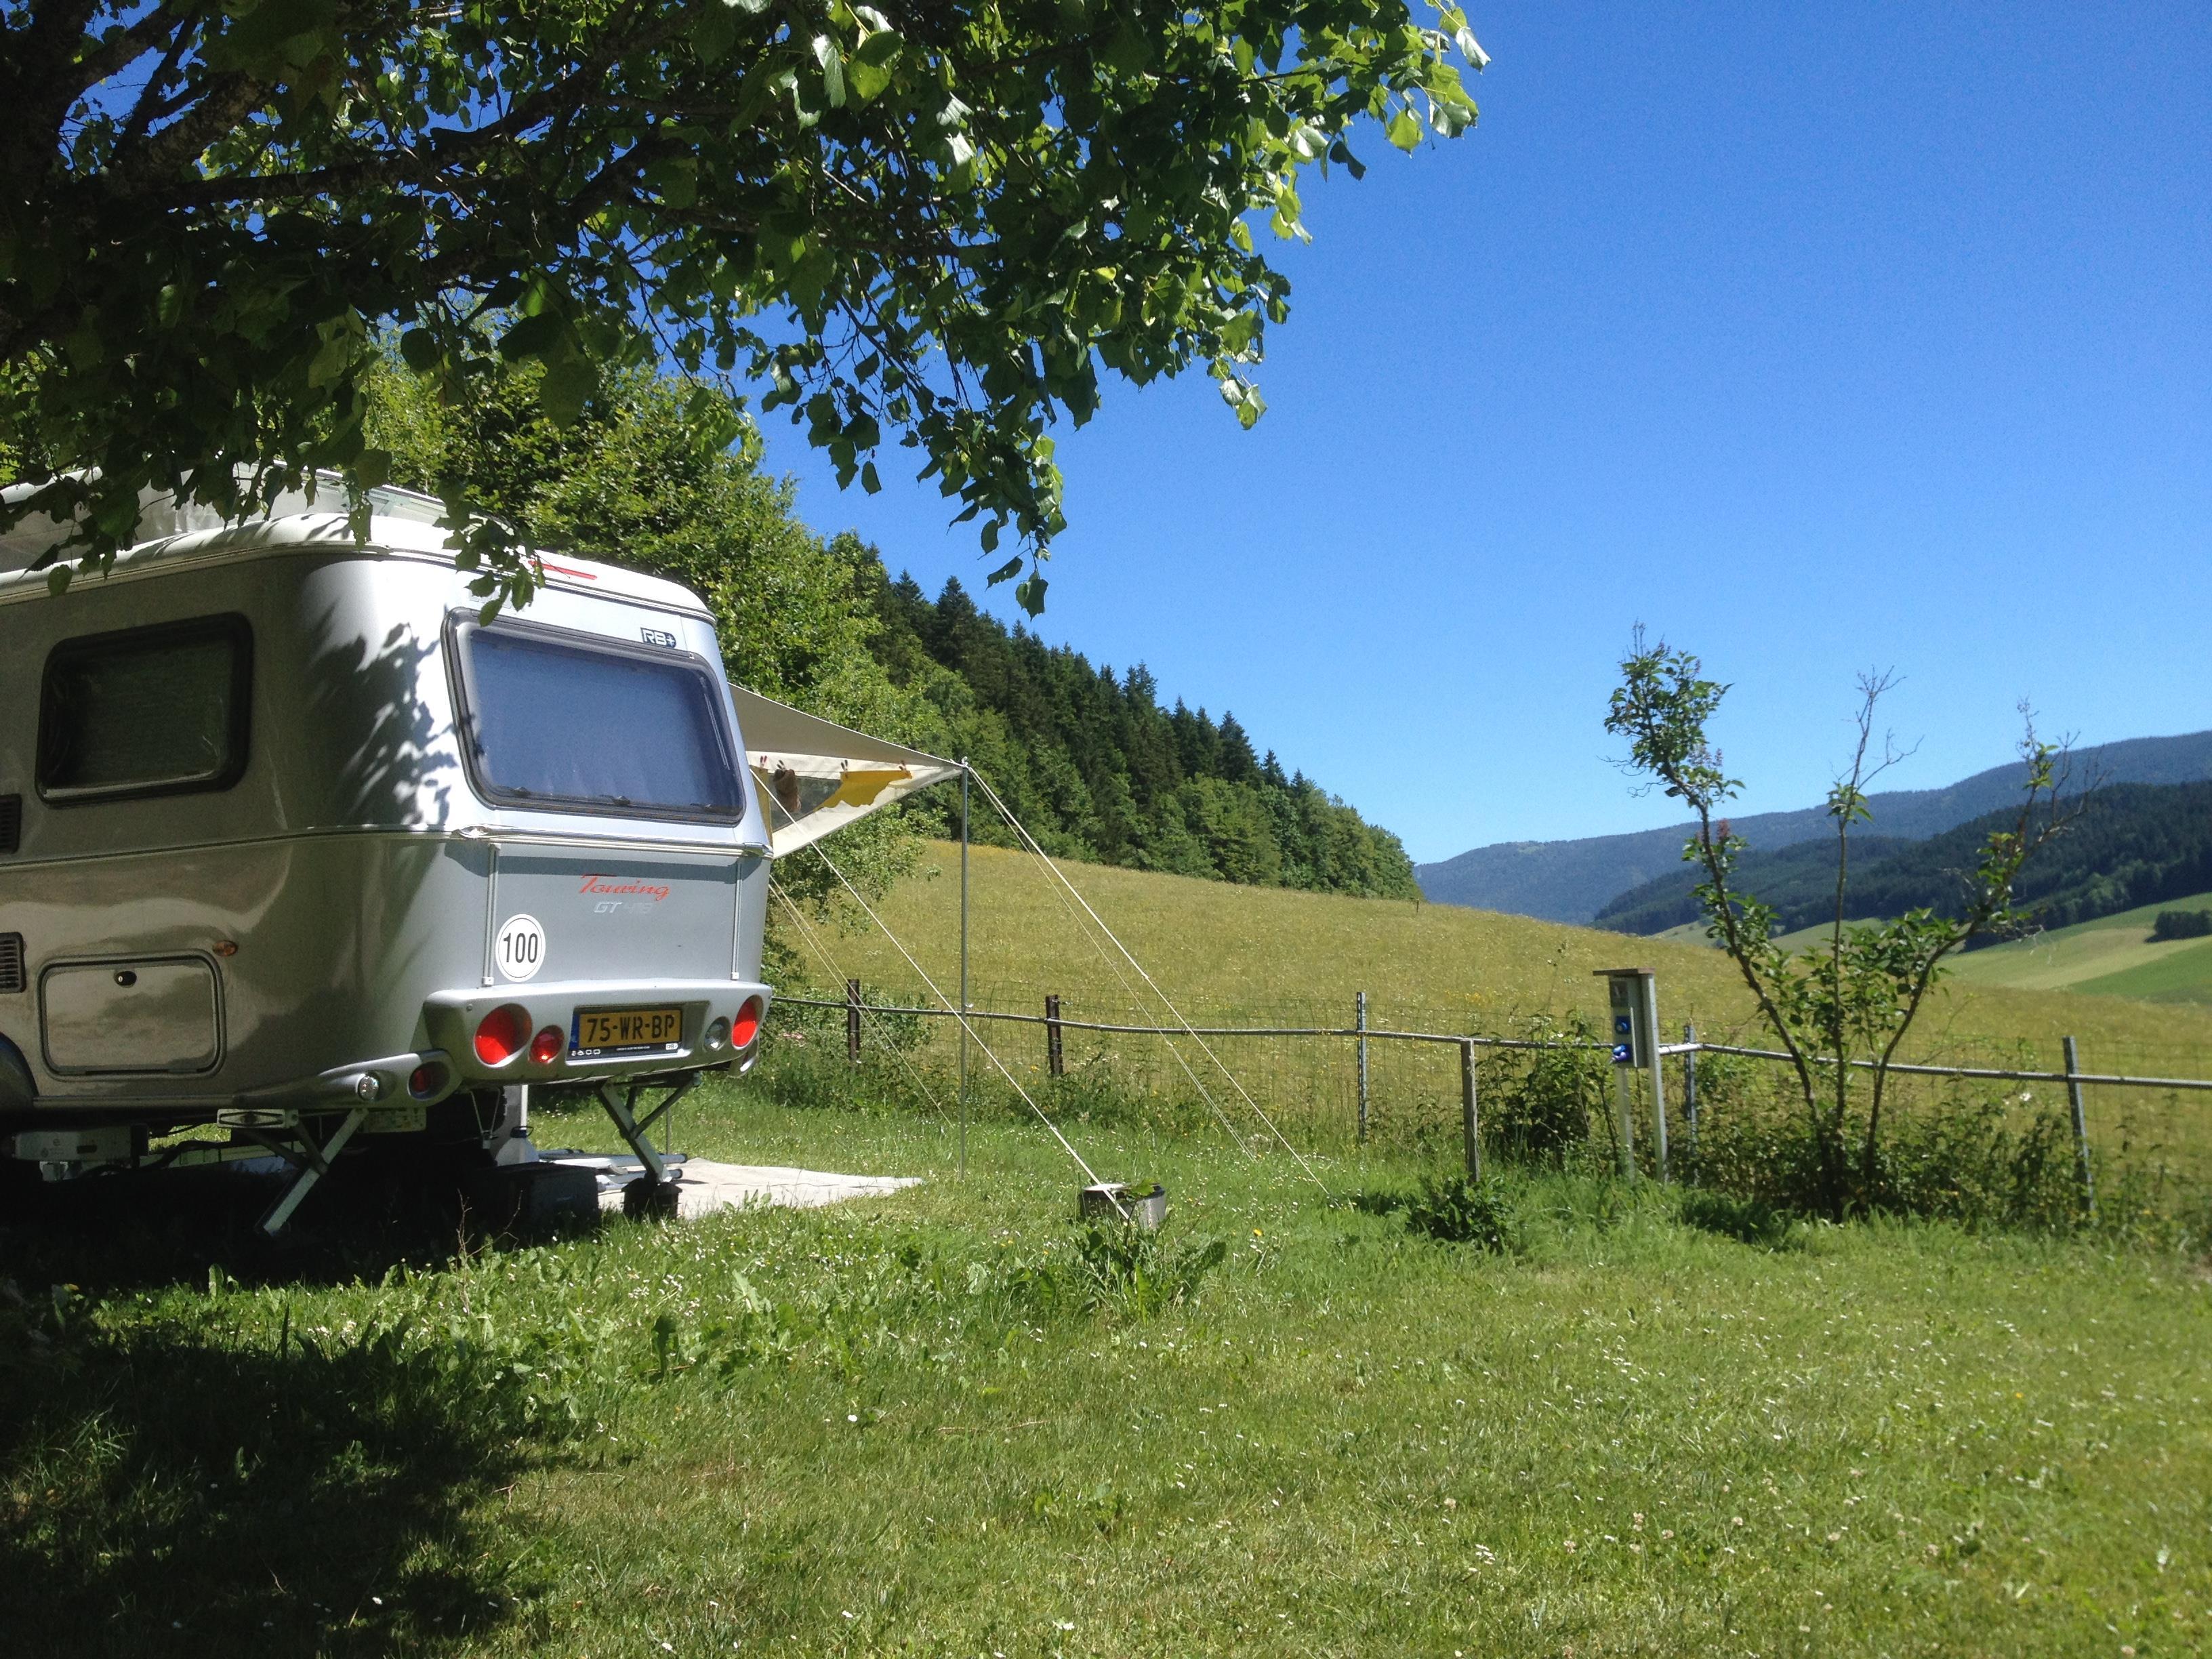 Emplacement - Emplacement De Camping - Forfait 2 À 6 Personnes Pour Tente, Caravane Ou Camping-Car - Camping Les Eymes